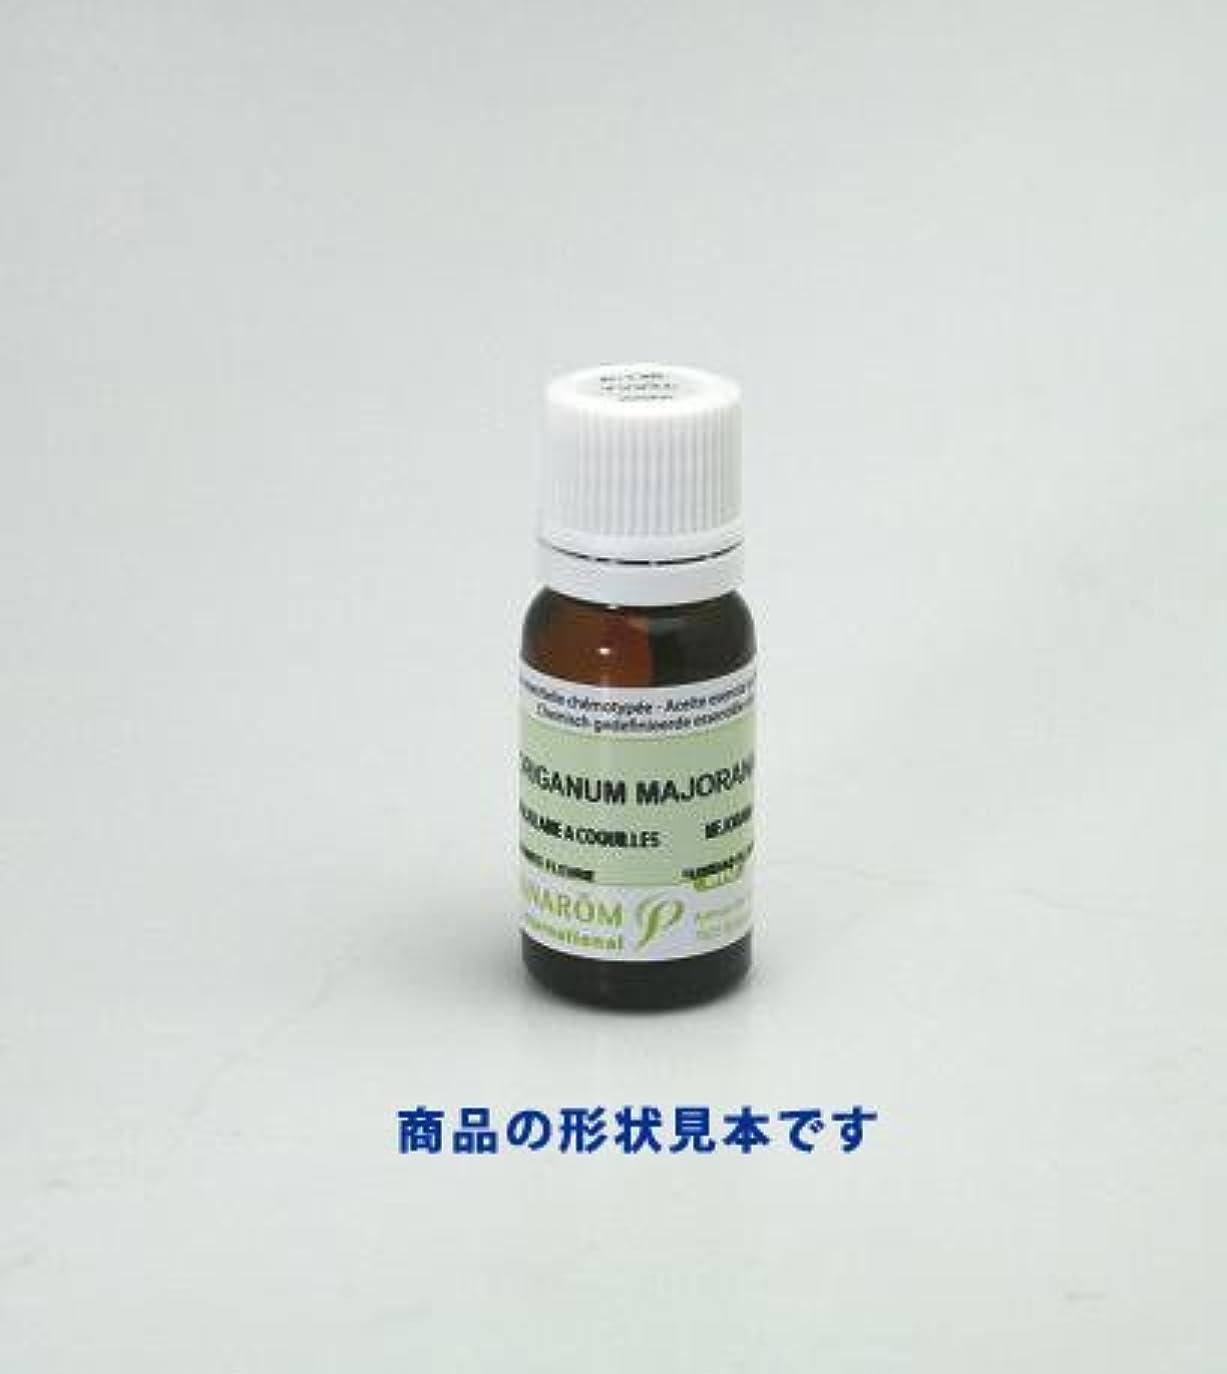 貫通未満オペラプラナロム社製精油:P-155 パチュリー